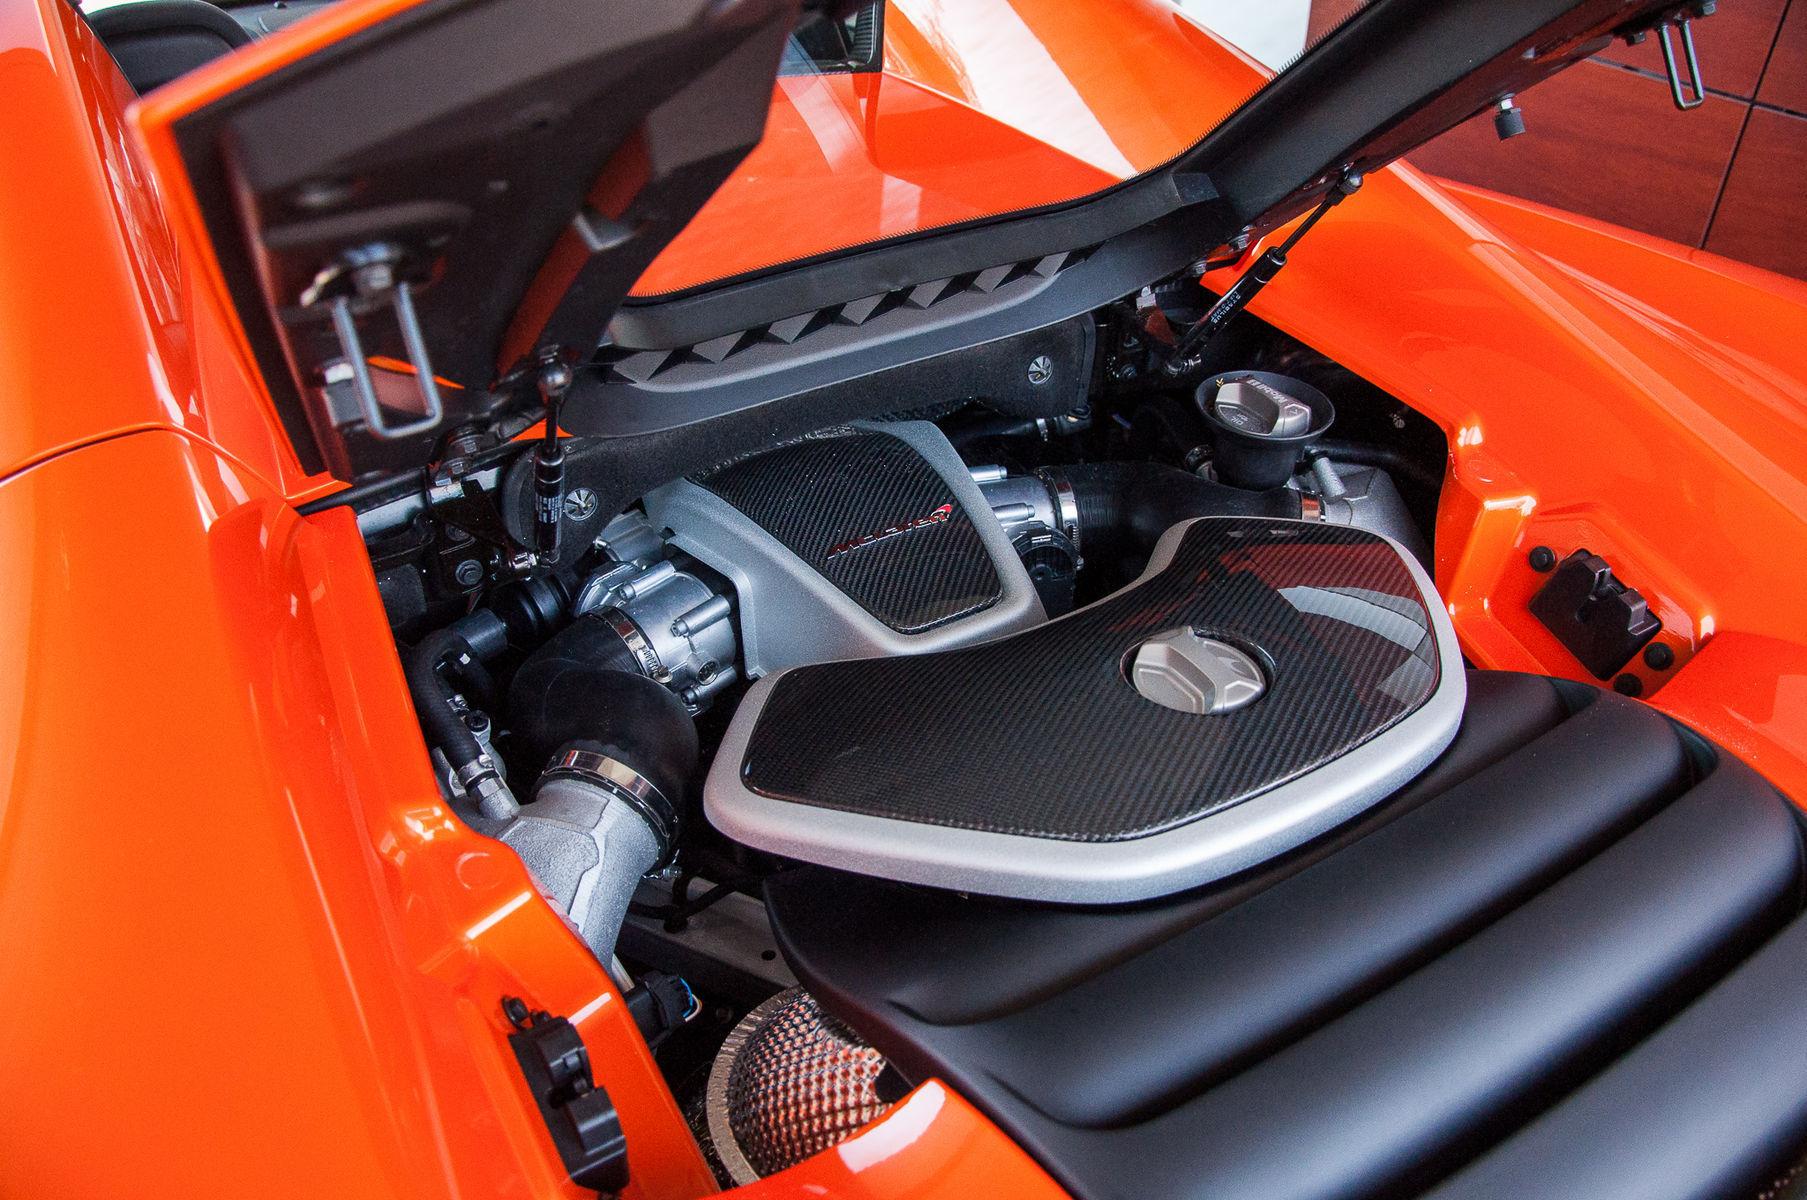 2014 McLaren 650S | 650S Spider 3670